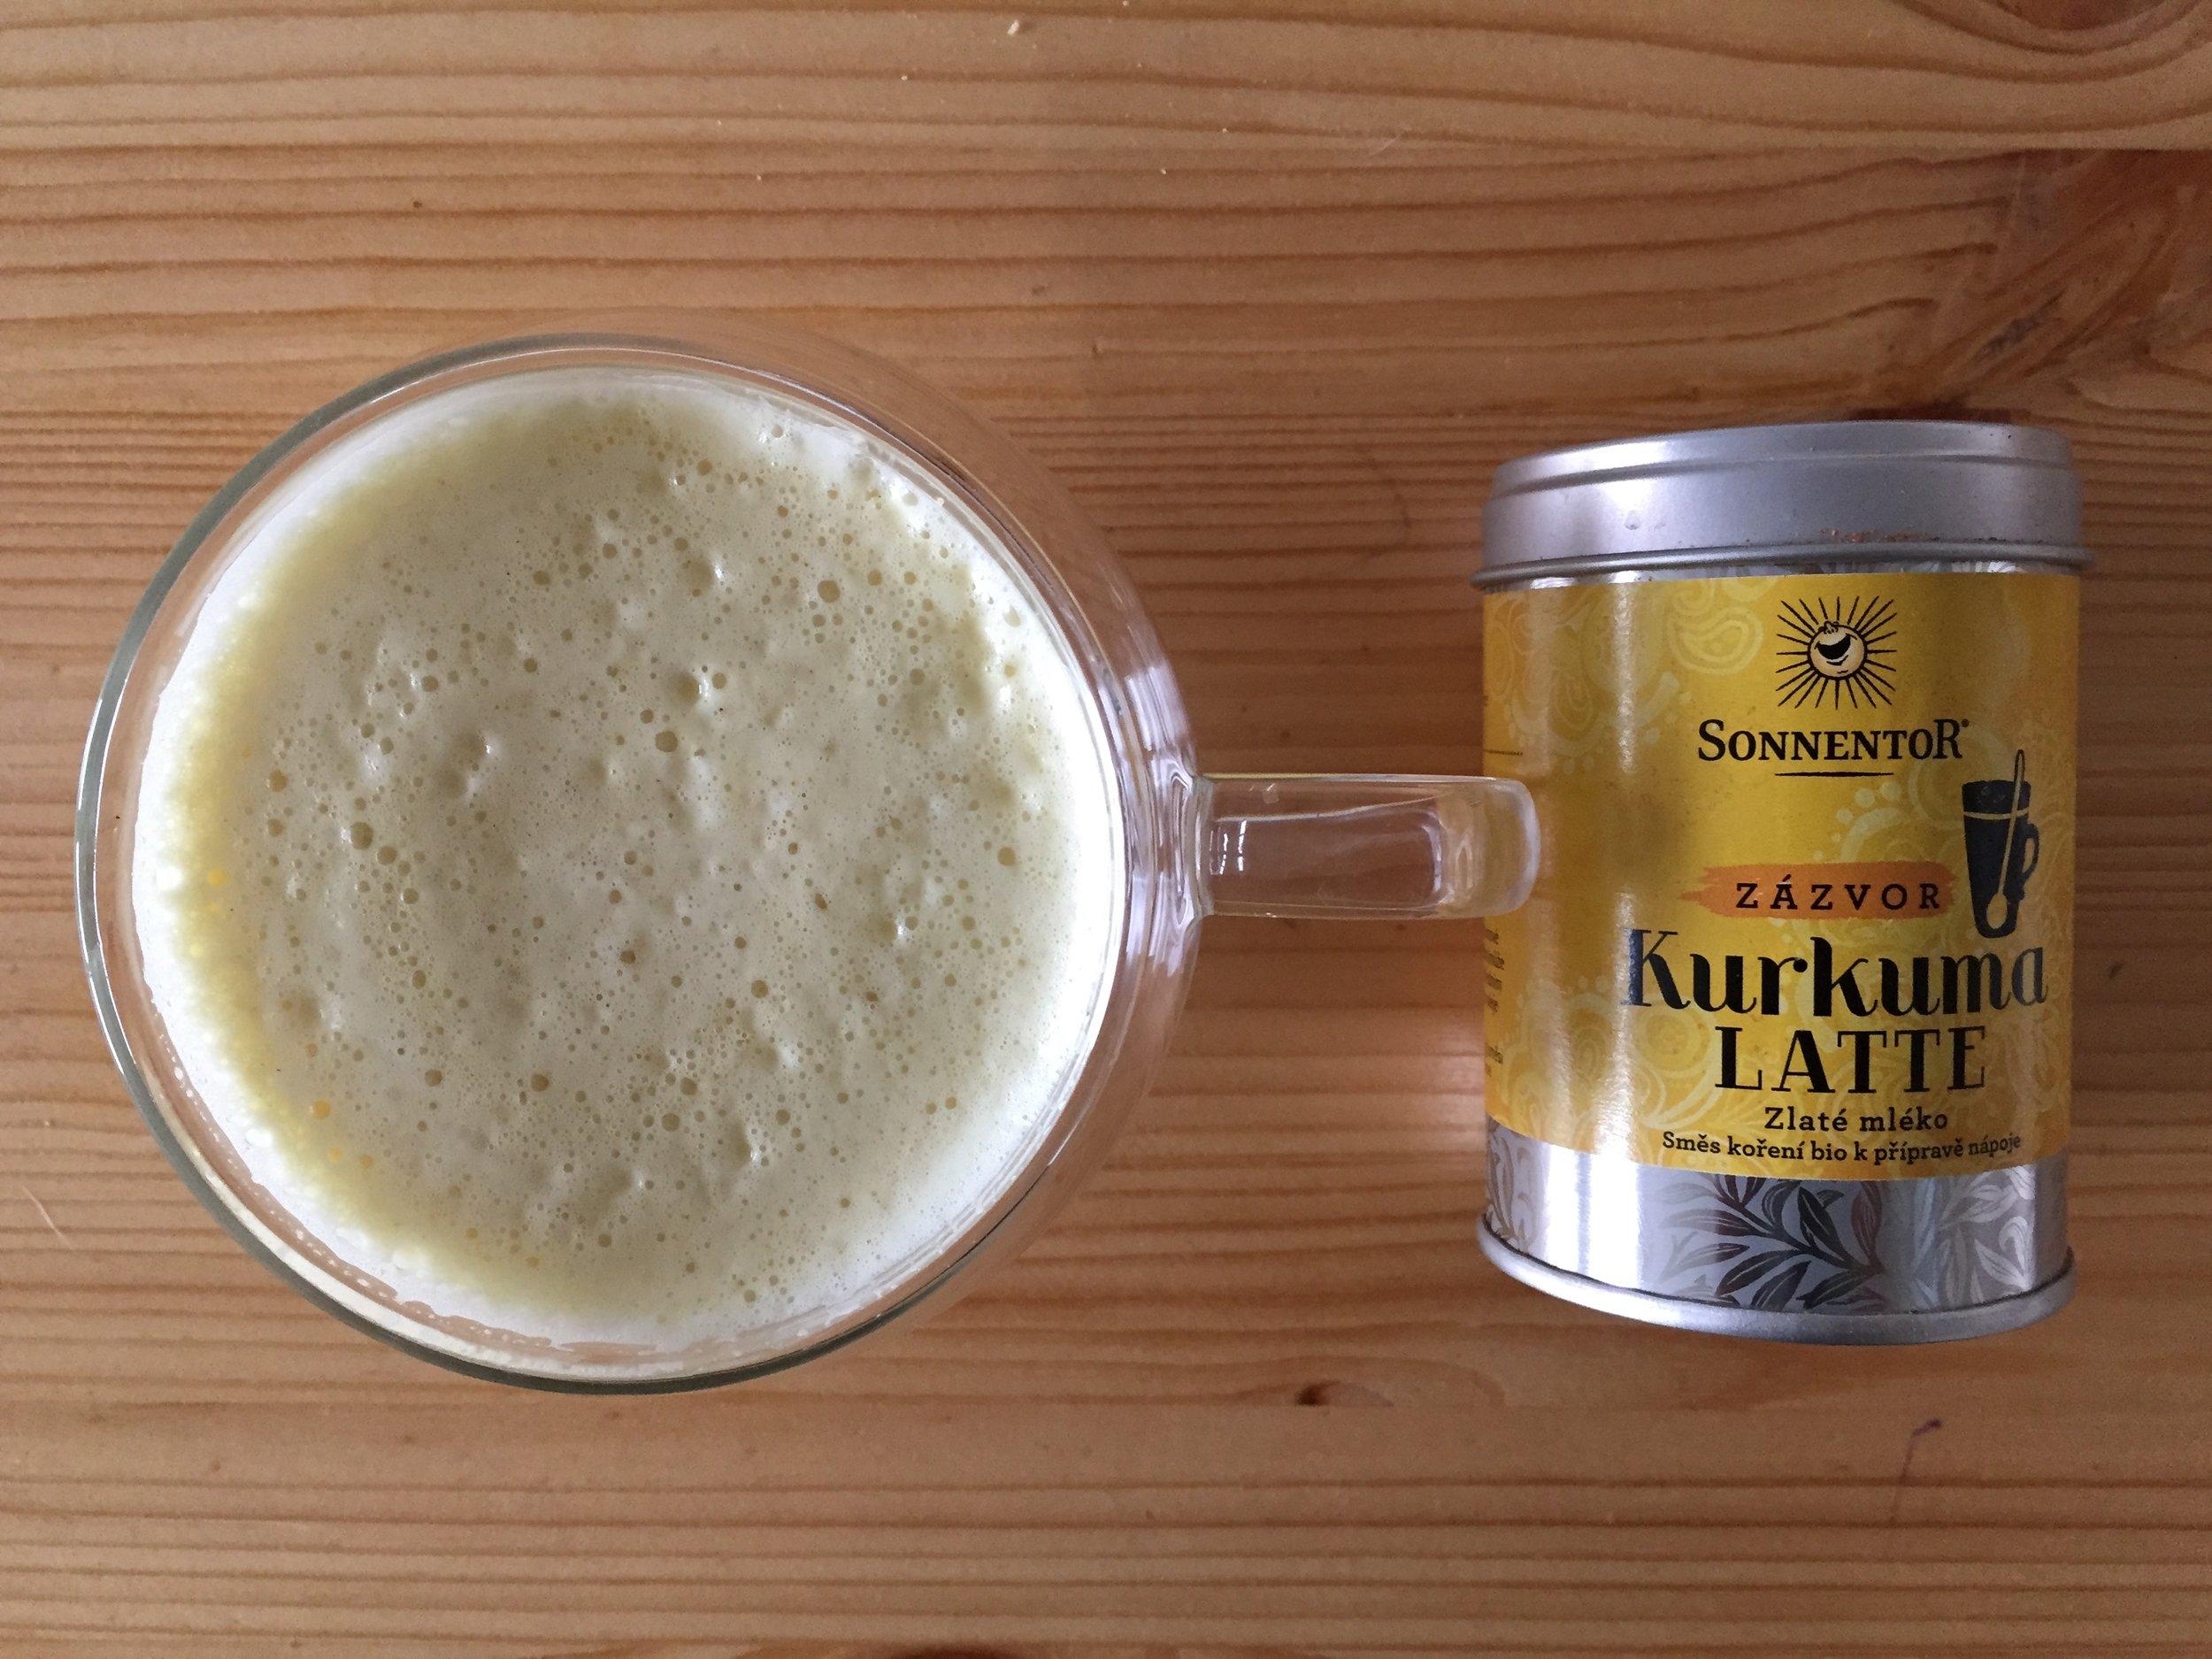 KURKUMA - působí protizánětlivě. Výborné na vaření - omelety, vajíčka. Parádní zimní nápoj zlaté mléko.  -